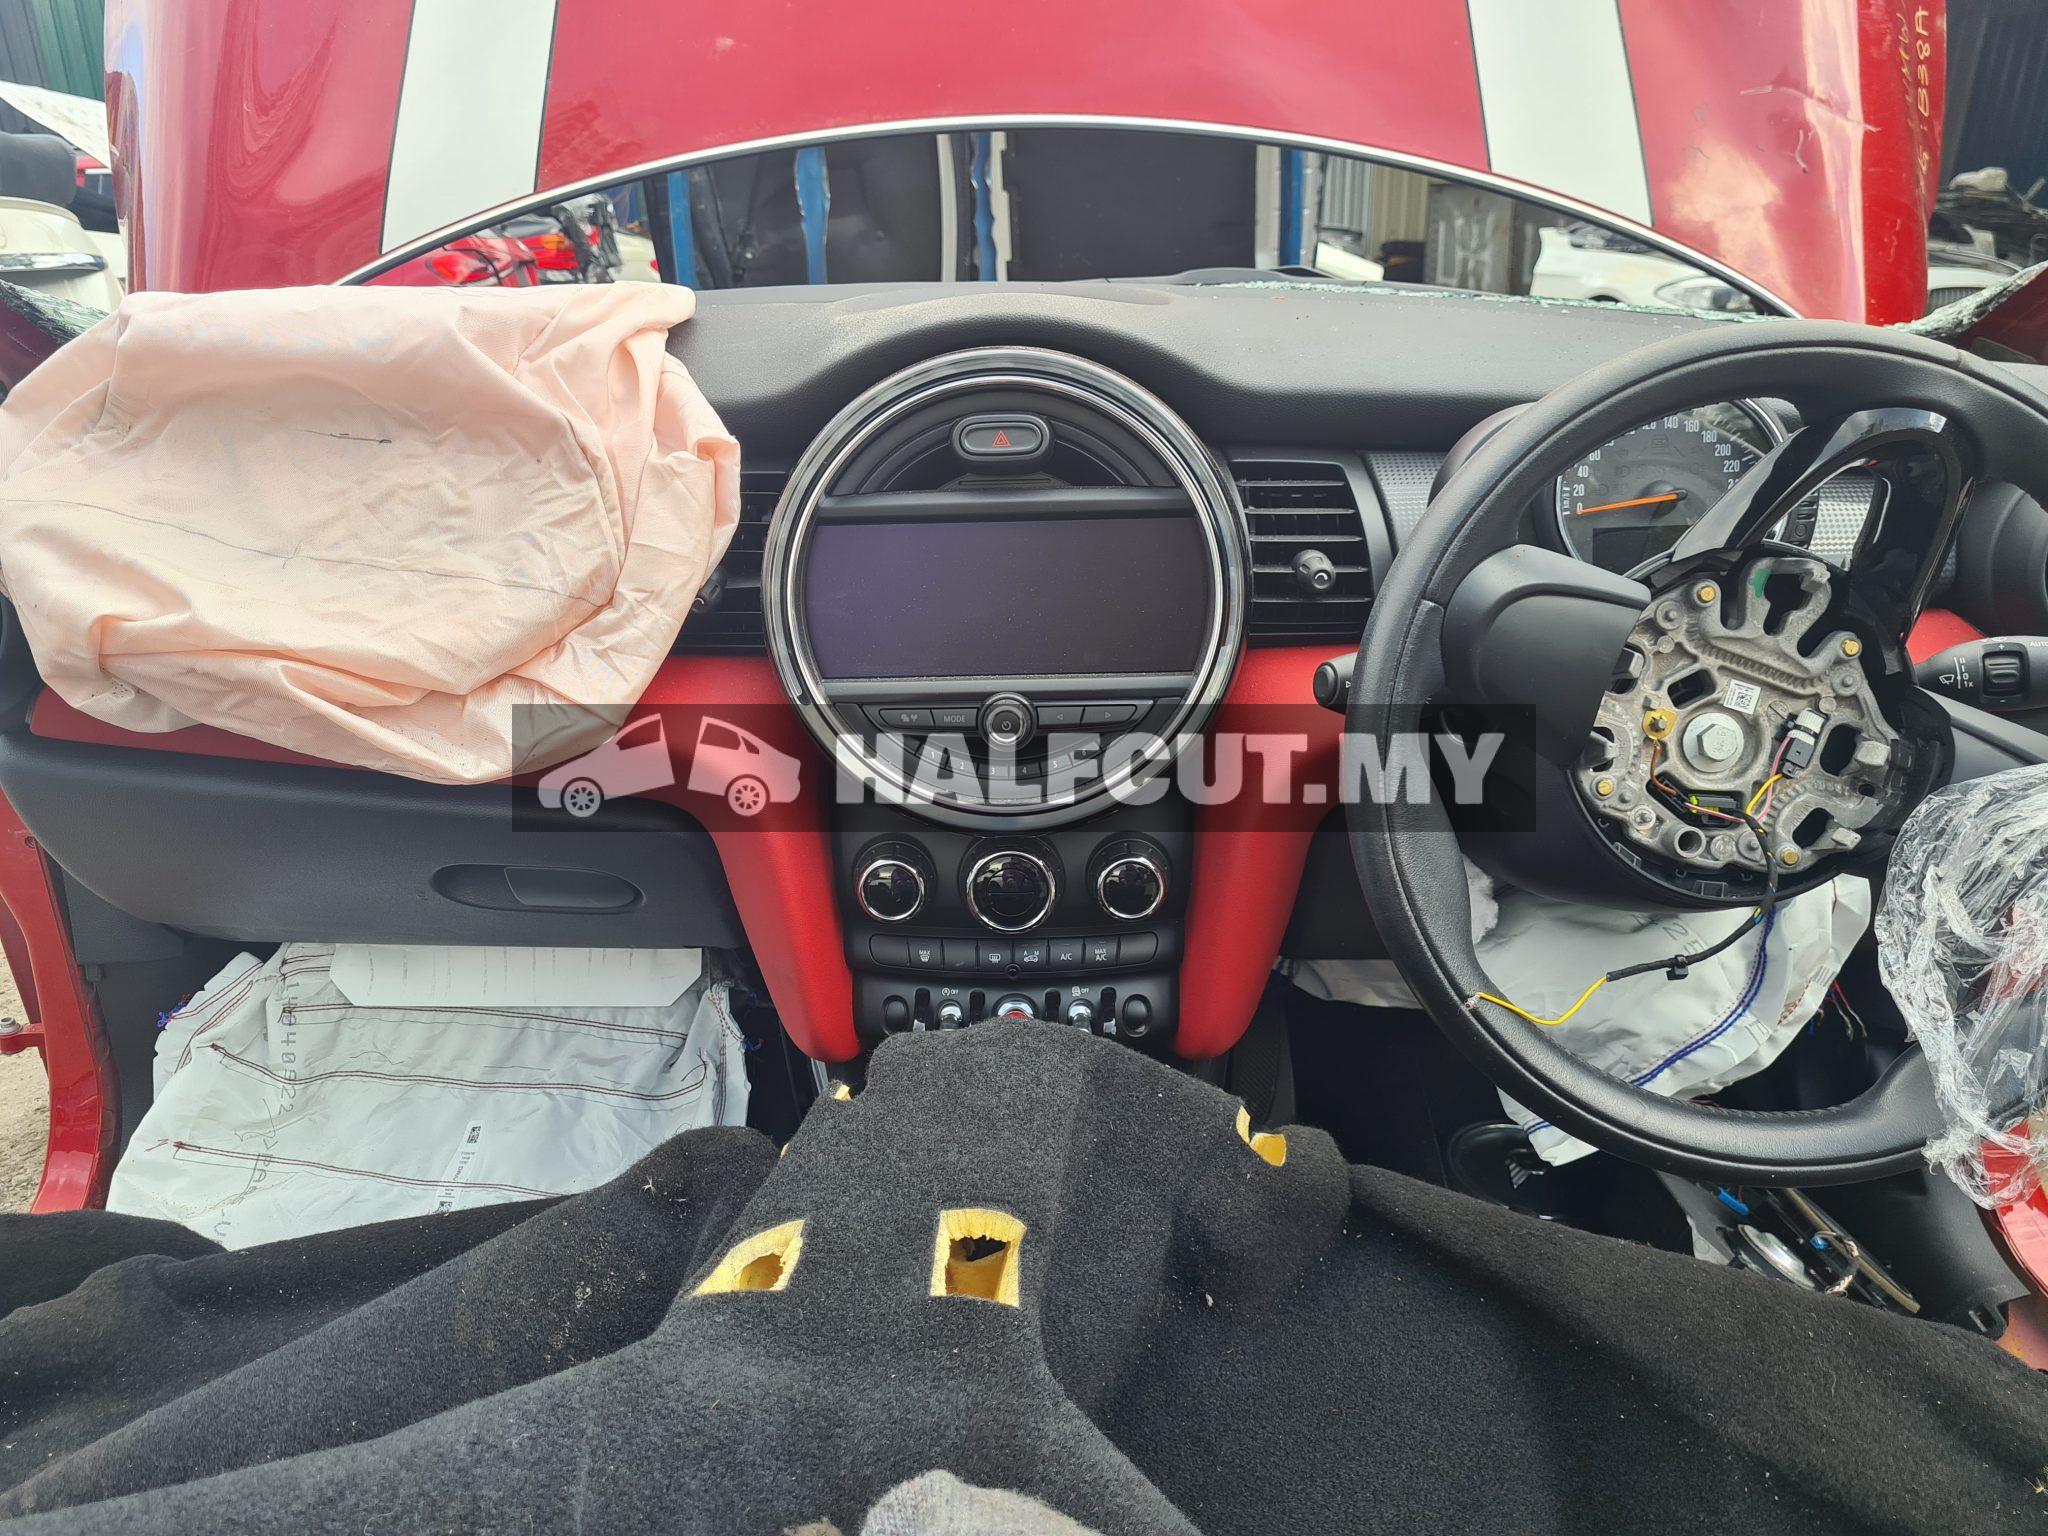 Mini F55 halfcut & rear cut complete